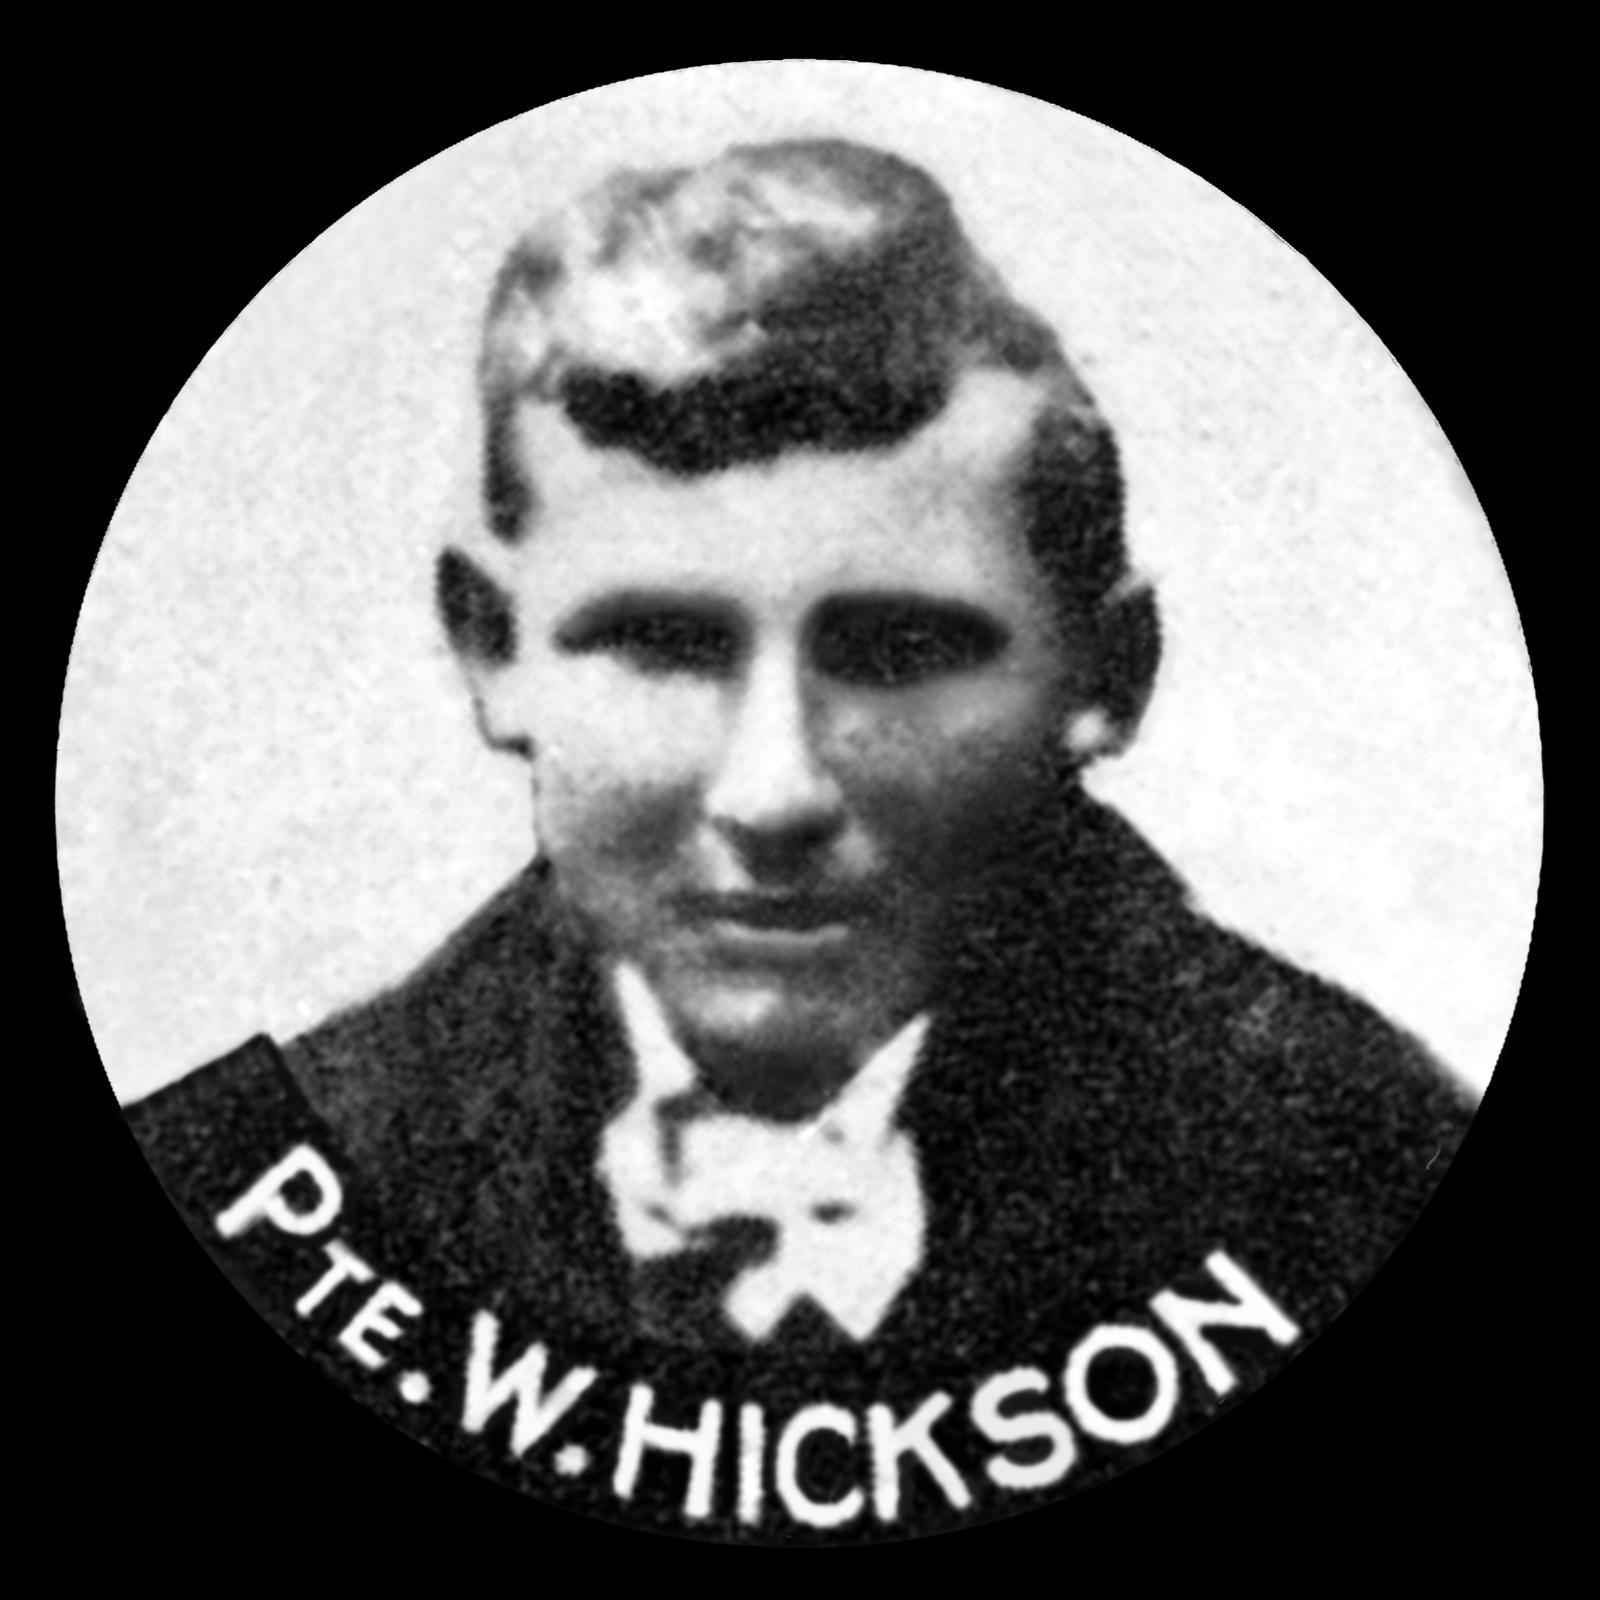 HICKSON William